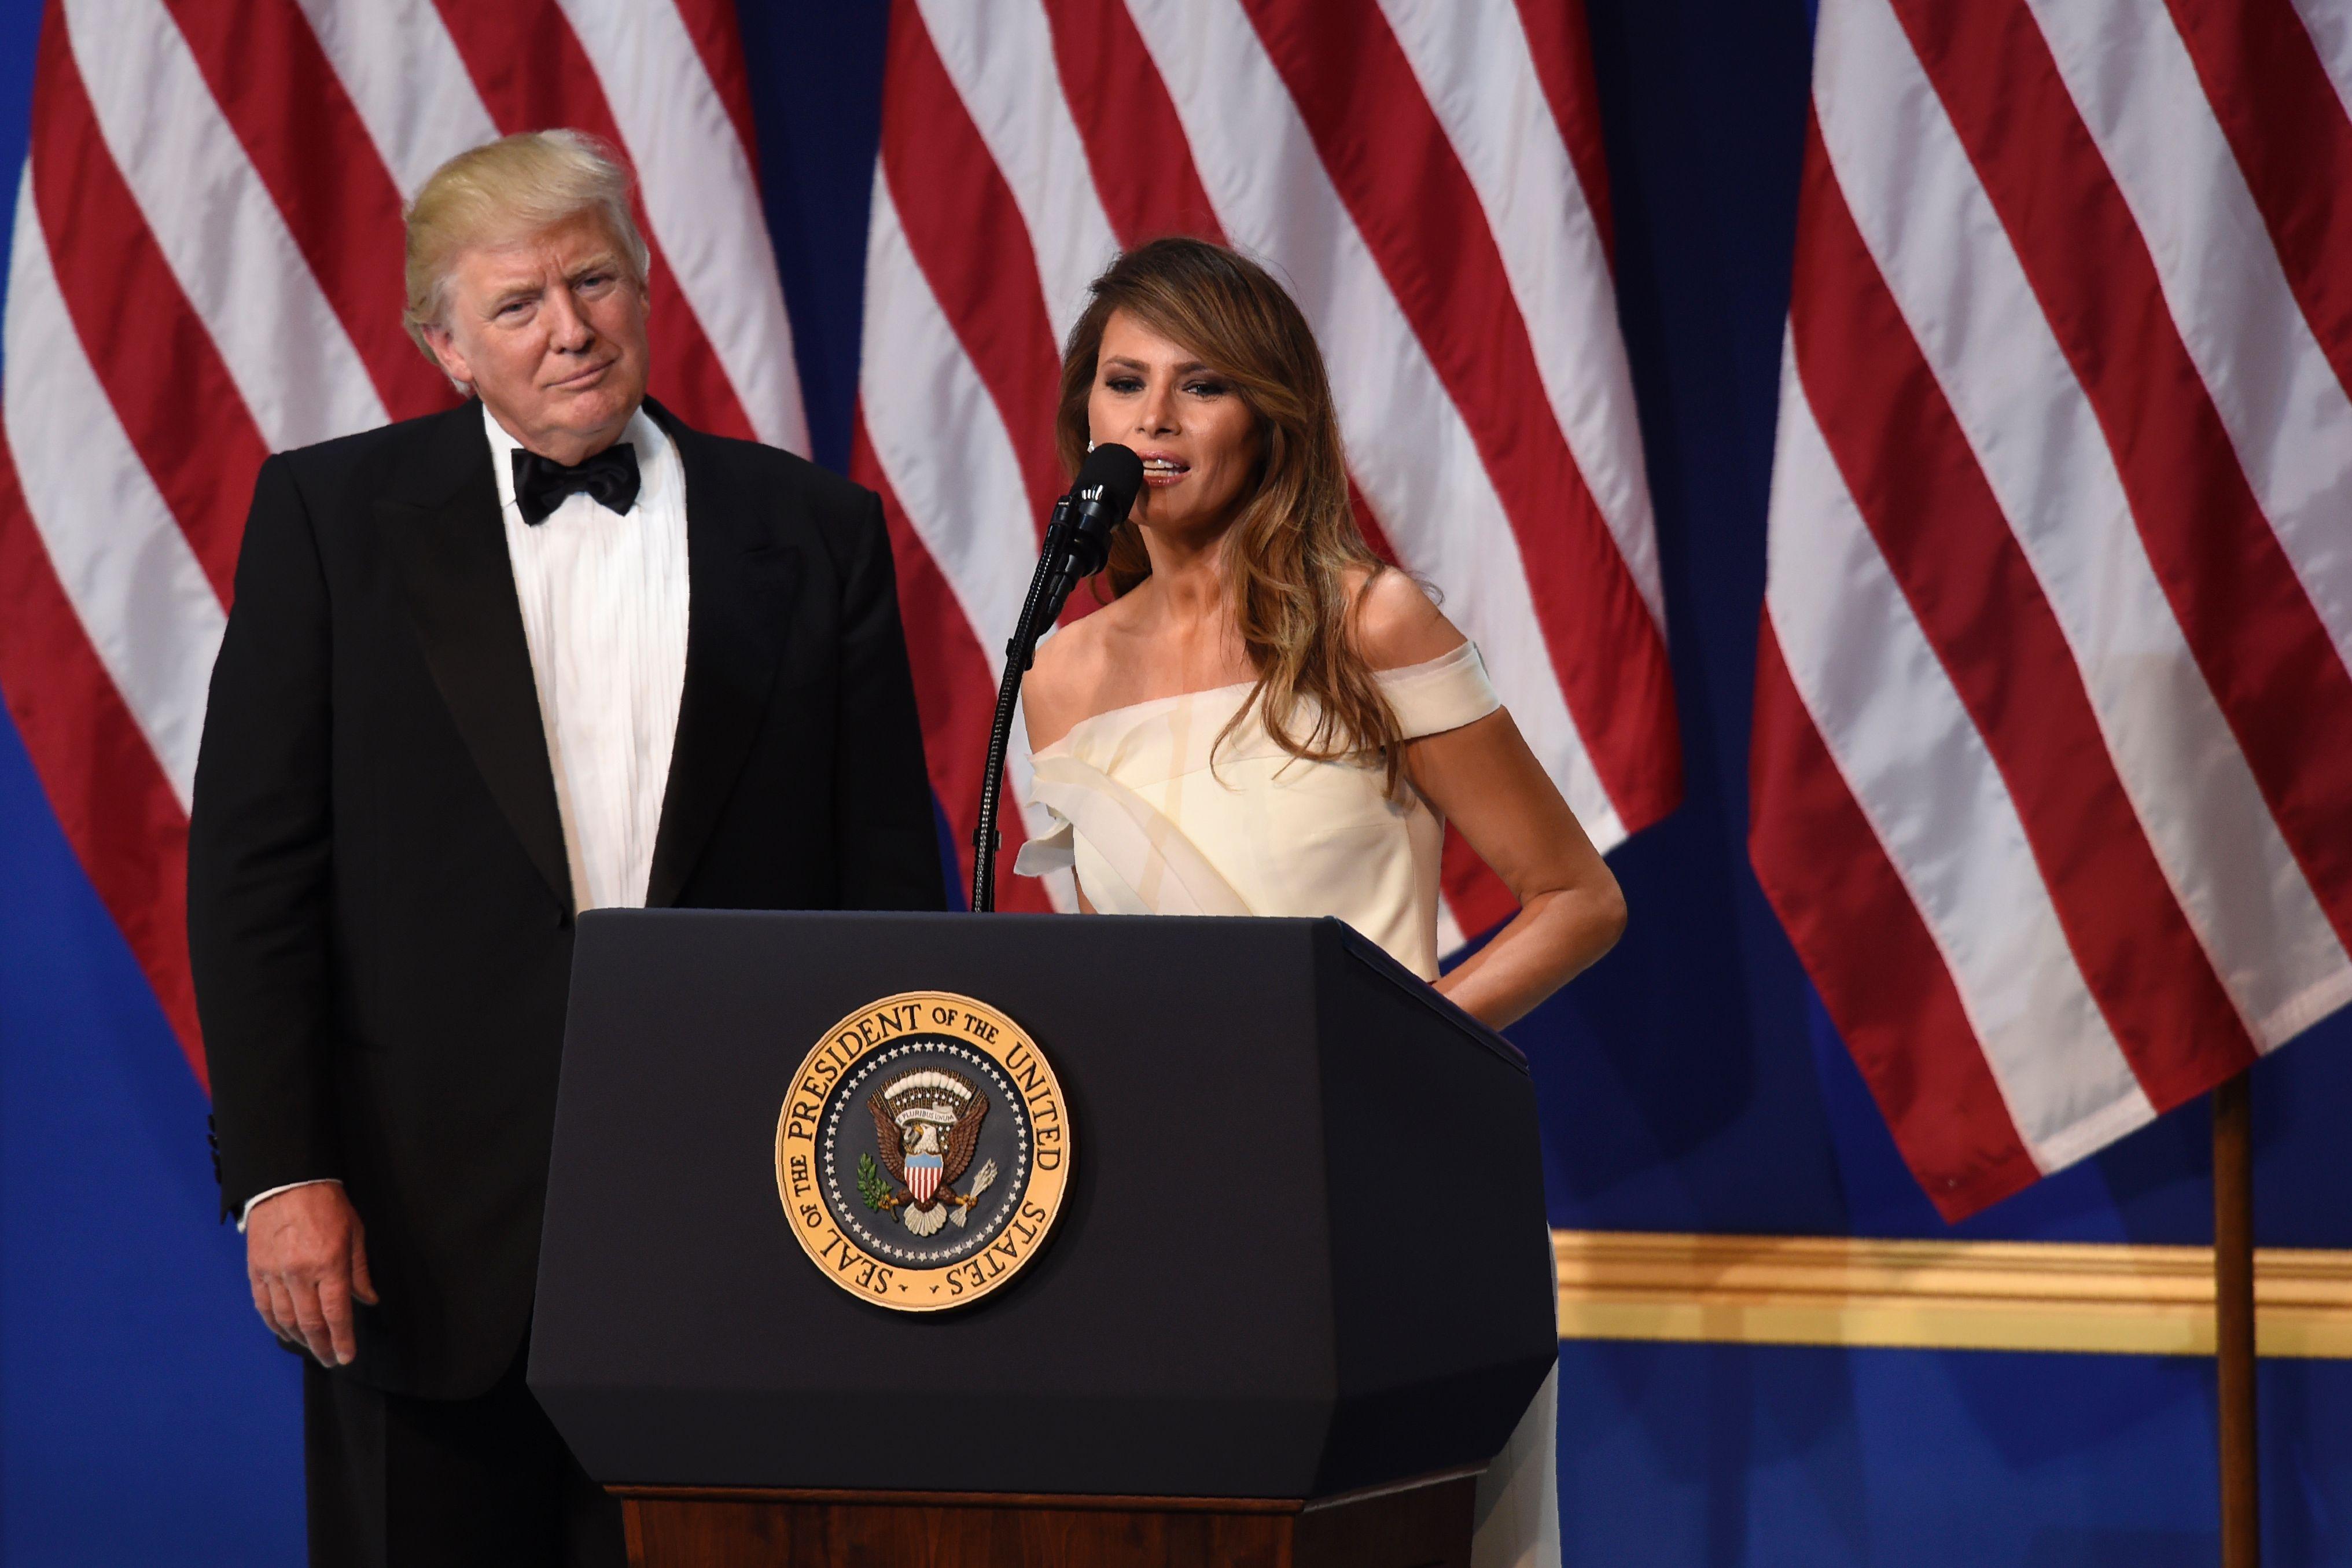 ترامب وميلانيا يوجهان التحية للحضور فى اخر حفلات التنصيب